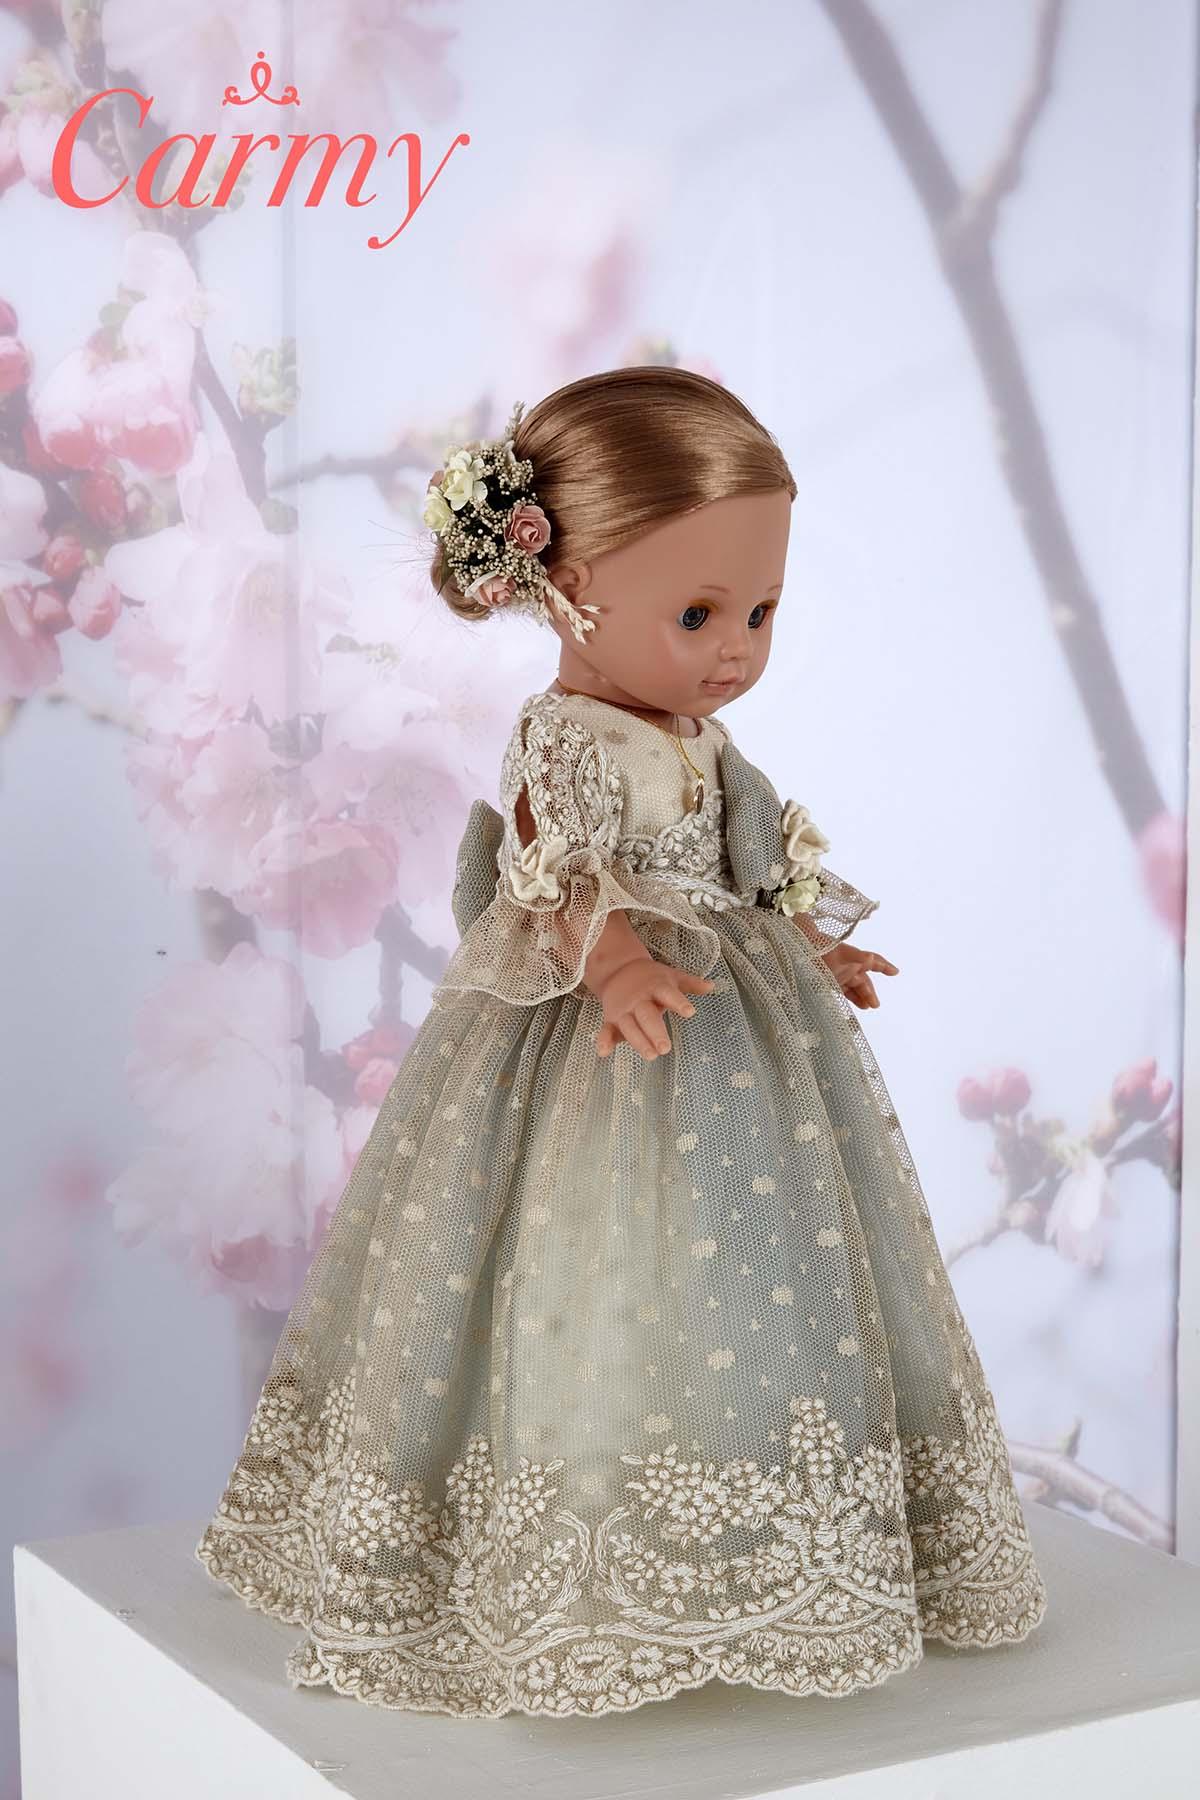 muñeca carmy_2